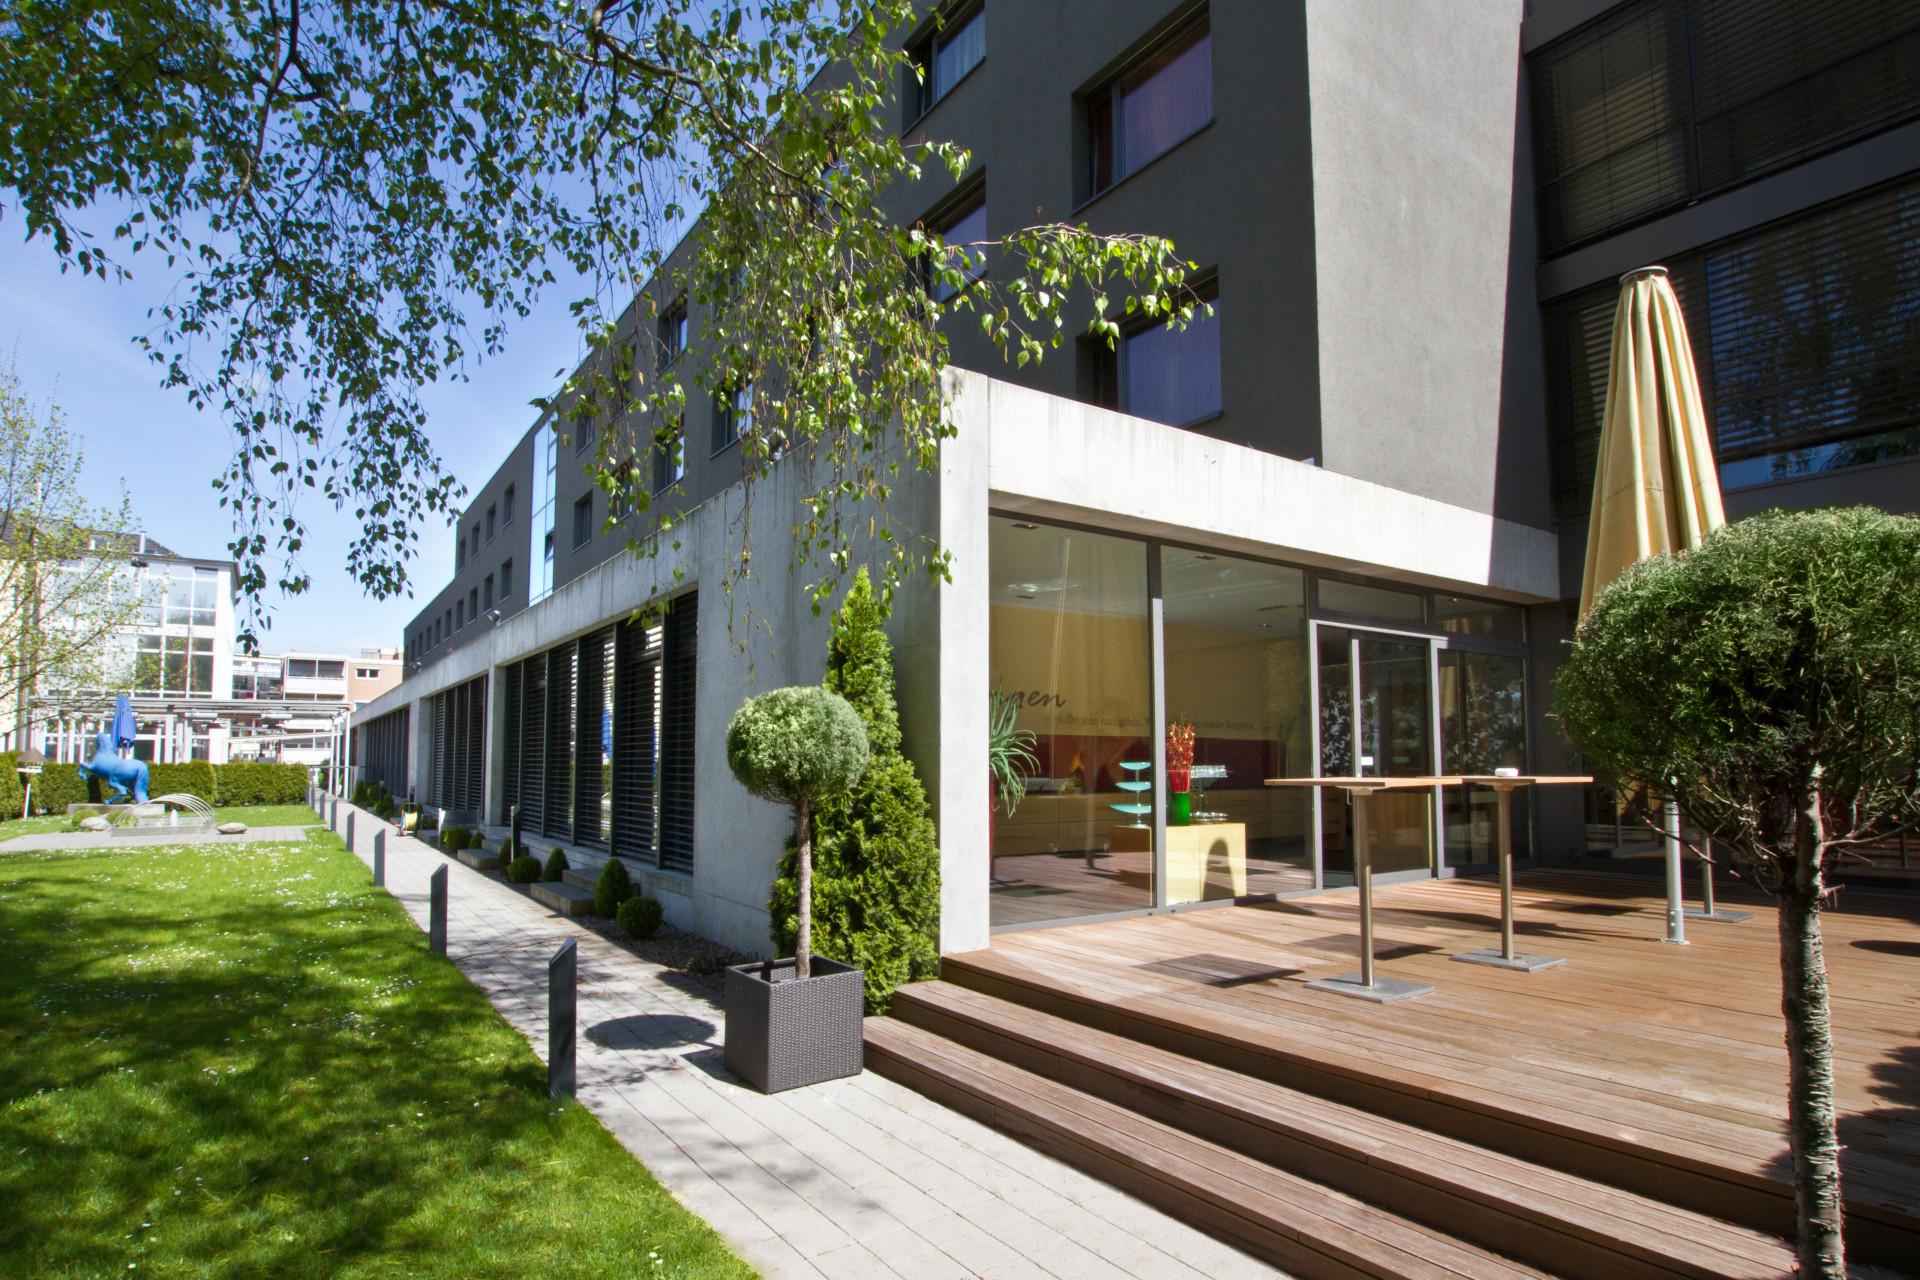 76227 Hotel Der Blaue Reiter-Gartenansicht